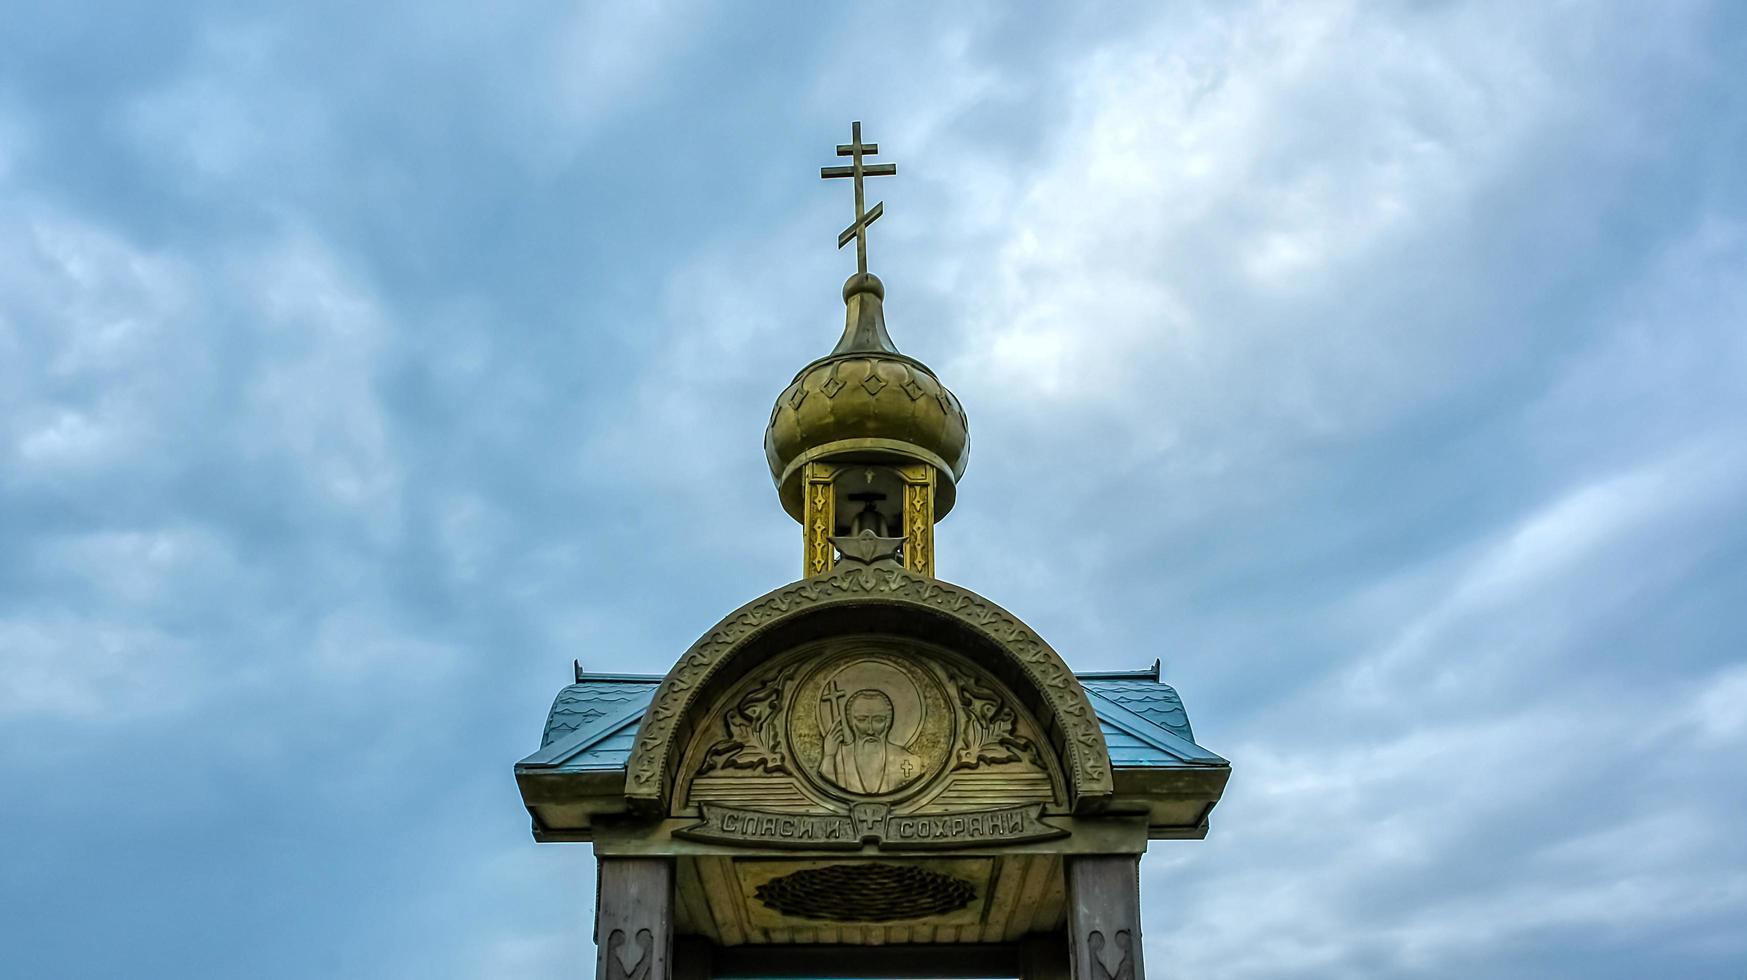 een houten kapel op de achtergrond van bewolkte hemel. foto